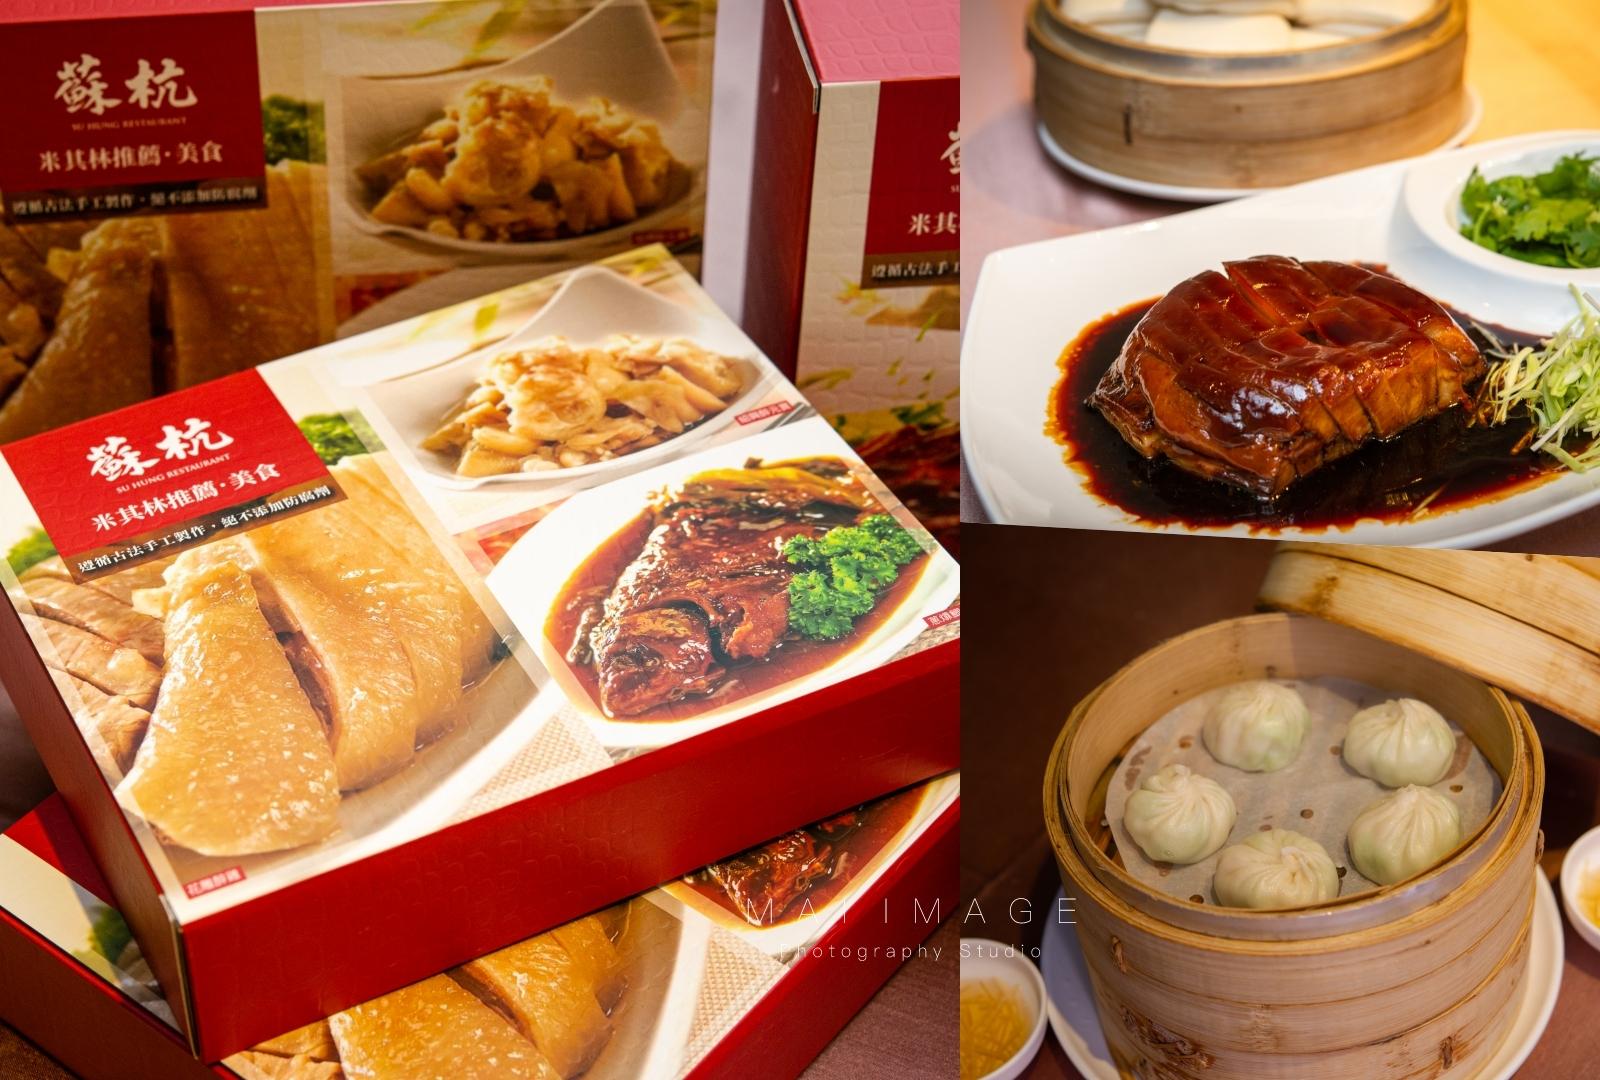 『宅配美食』連兩屆米其林推薦餐廳,飄香30多年的好味道~蘇杭餐廳!經典江浙料理在家也可以輕鬆上桌。大坪林站美食